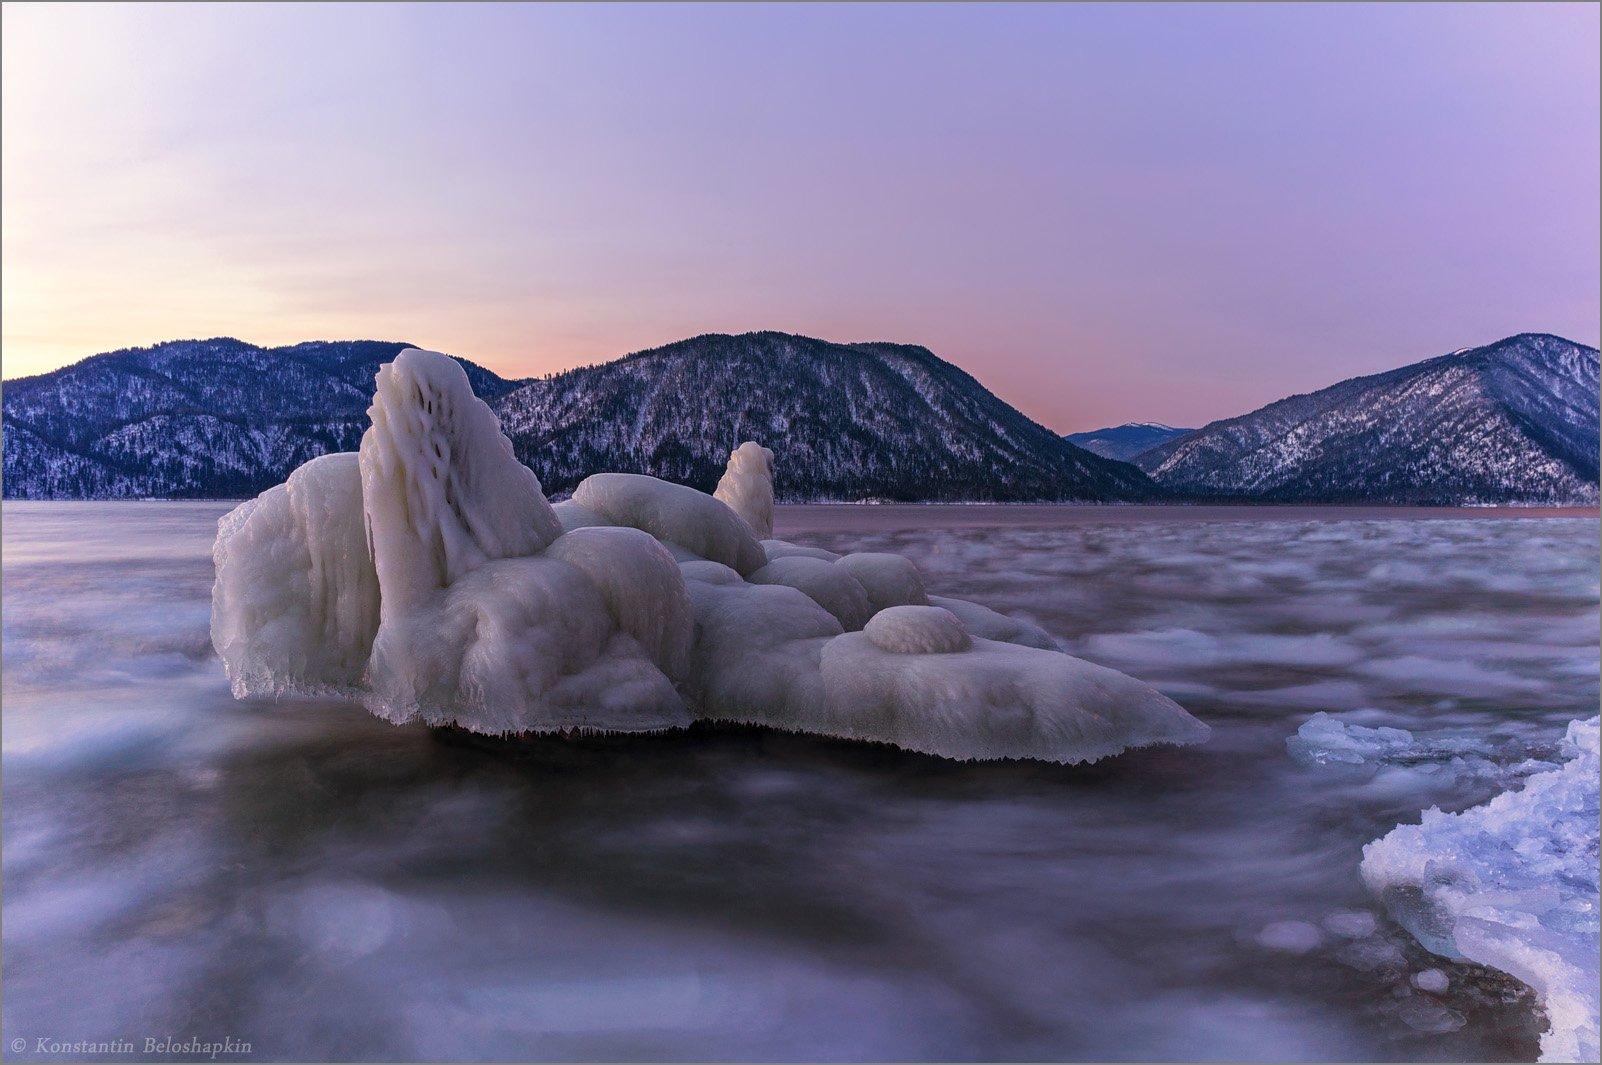 рассвет, телецкое озеро, Константин Белошапкин